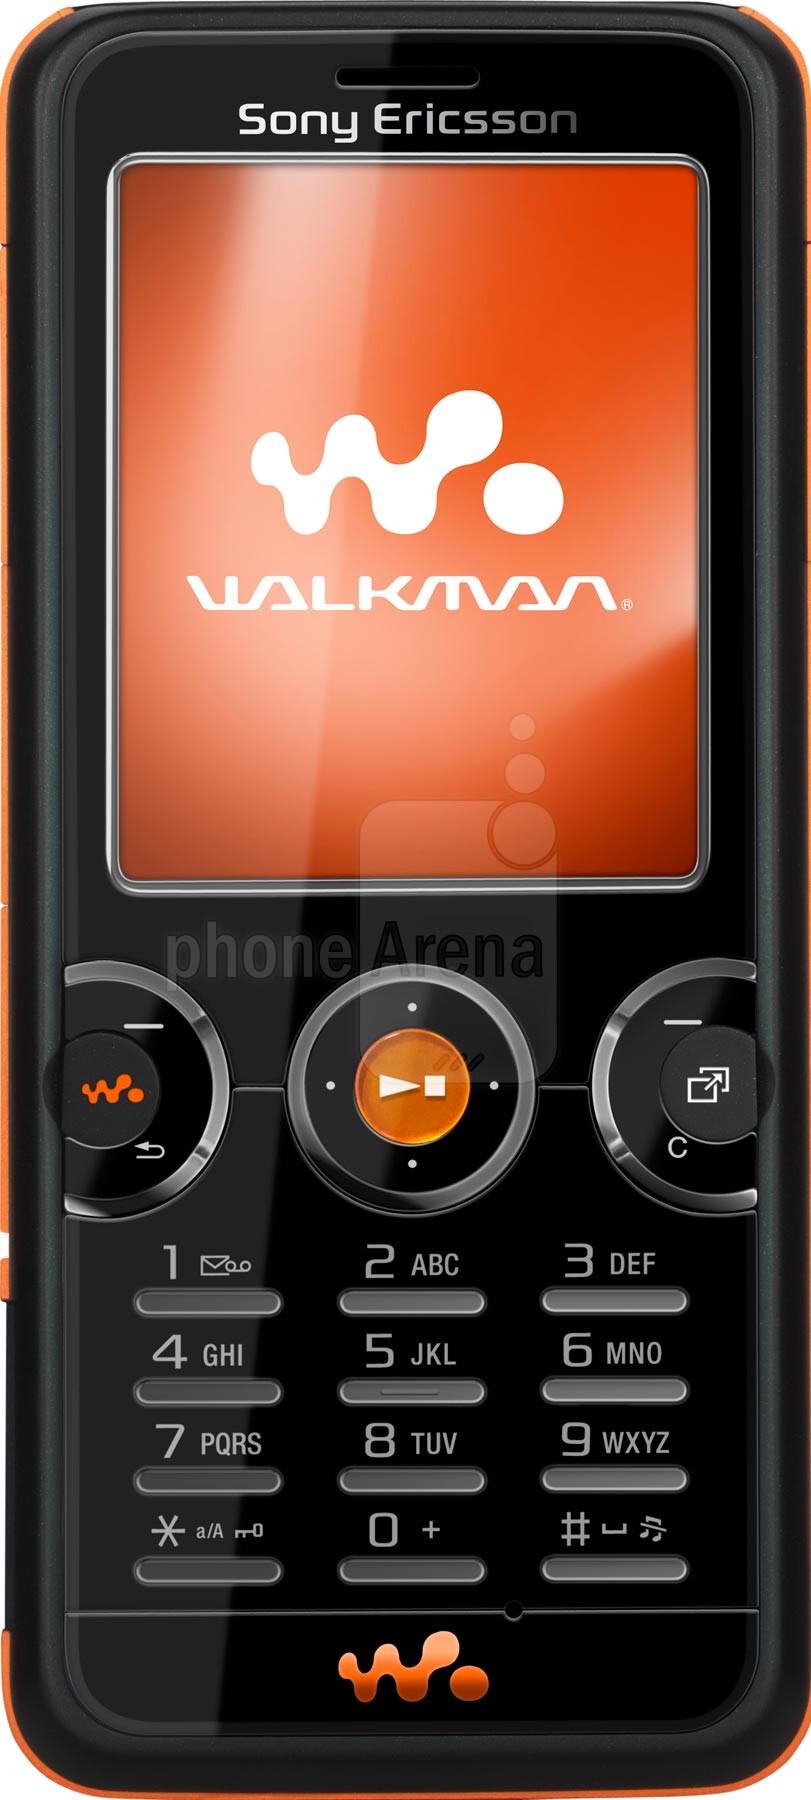 Sony ericsson w850i walkman phone